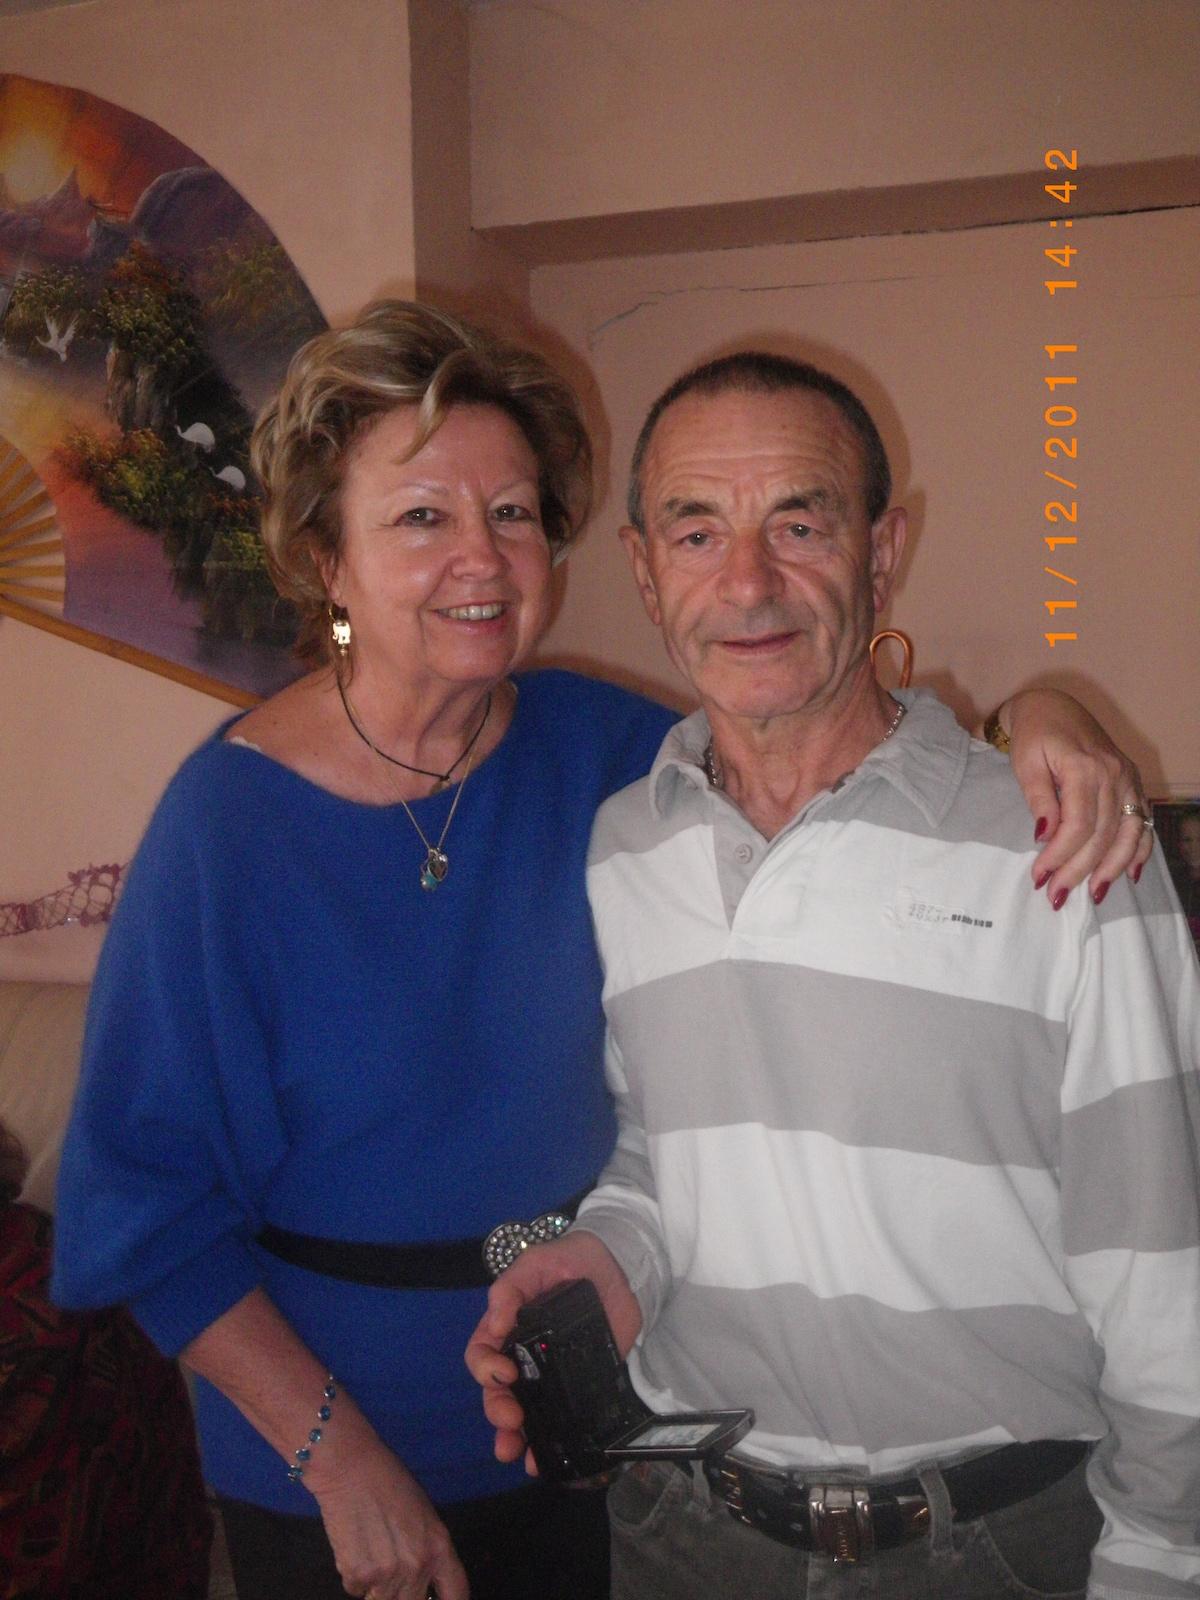 Josy Et Jean-Paul from Agde